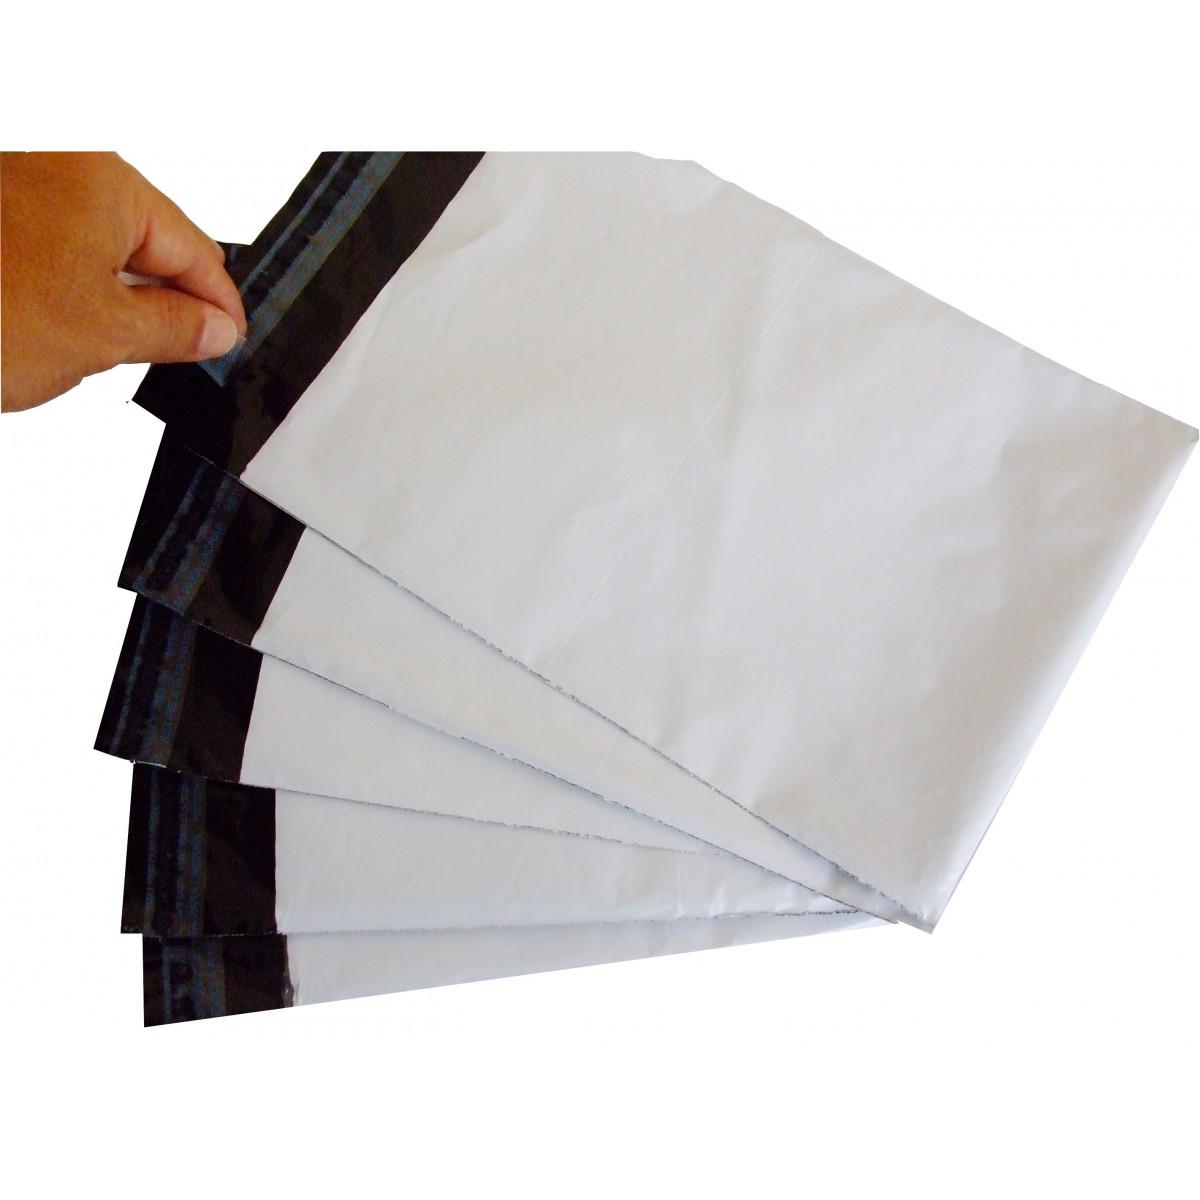 Envelope de Segurança Liso Branco L:80 X C:58 + 5 (Aba) cm